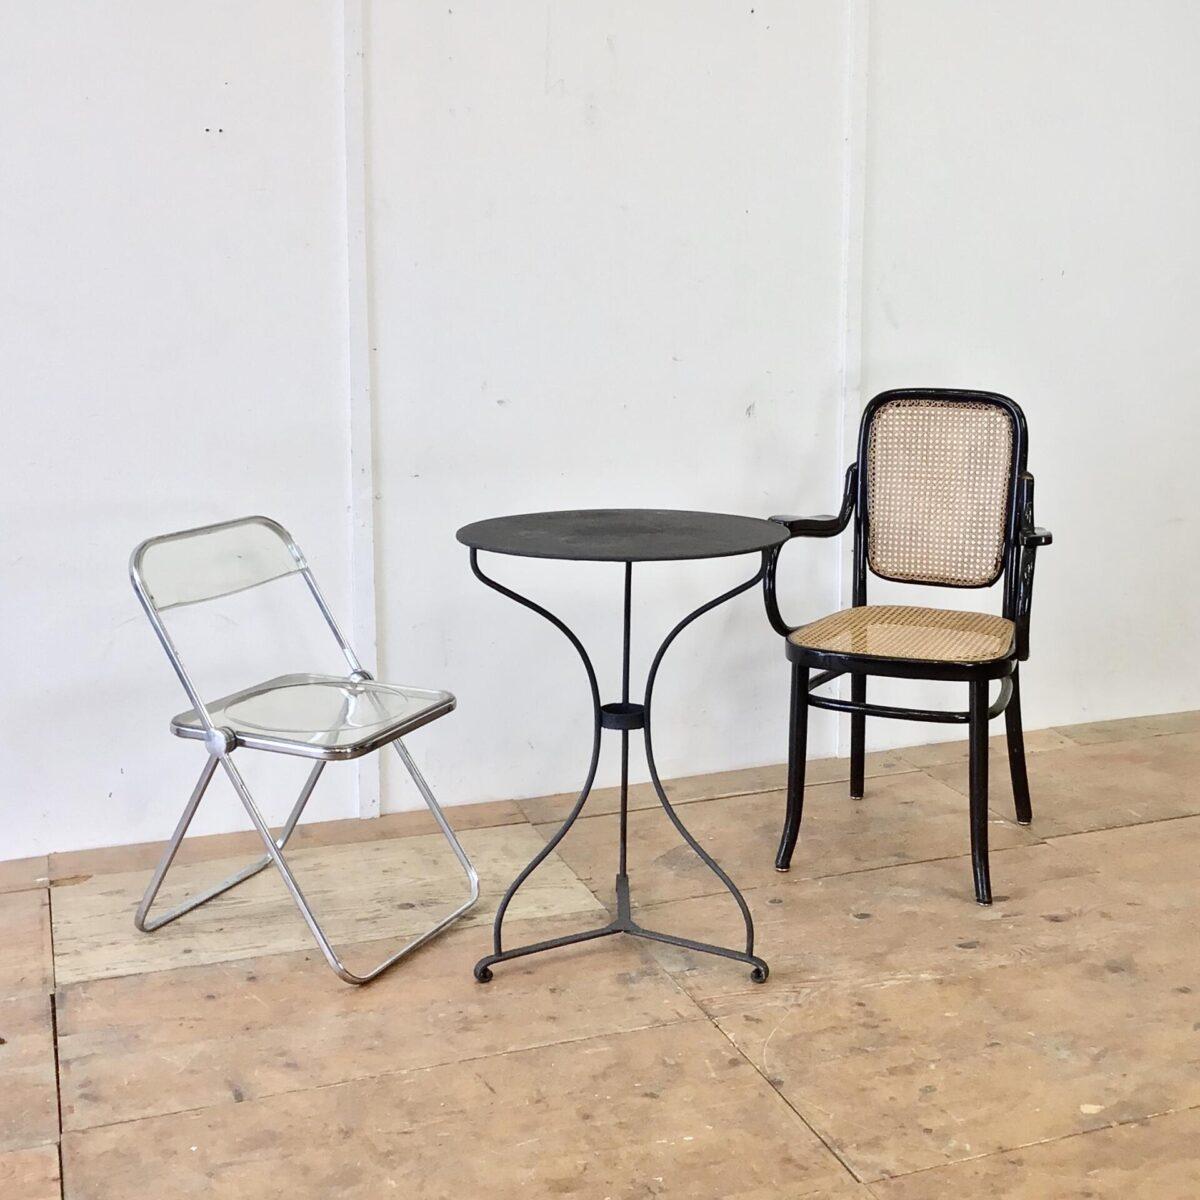 Antiker Jugendstil Gartentisch Durchmesser 60cm Höhe 76.5cm. Leicht unebene Tischoberfläche mit Blumentopf Rändern. Anthrazit farbig in gesundem Zustand, keine Durchrostung.